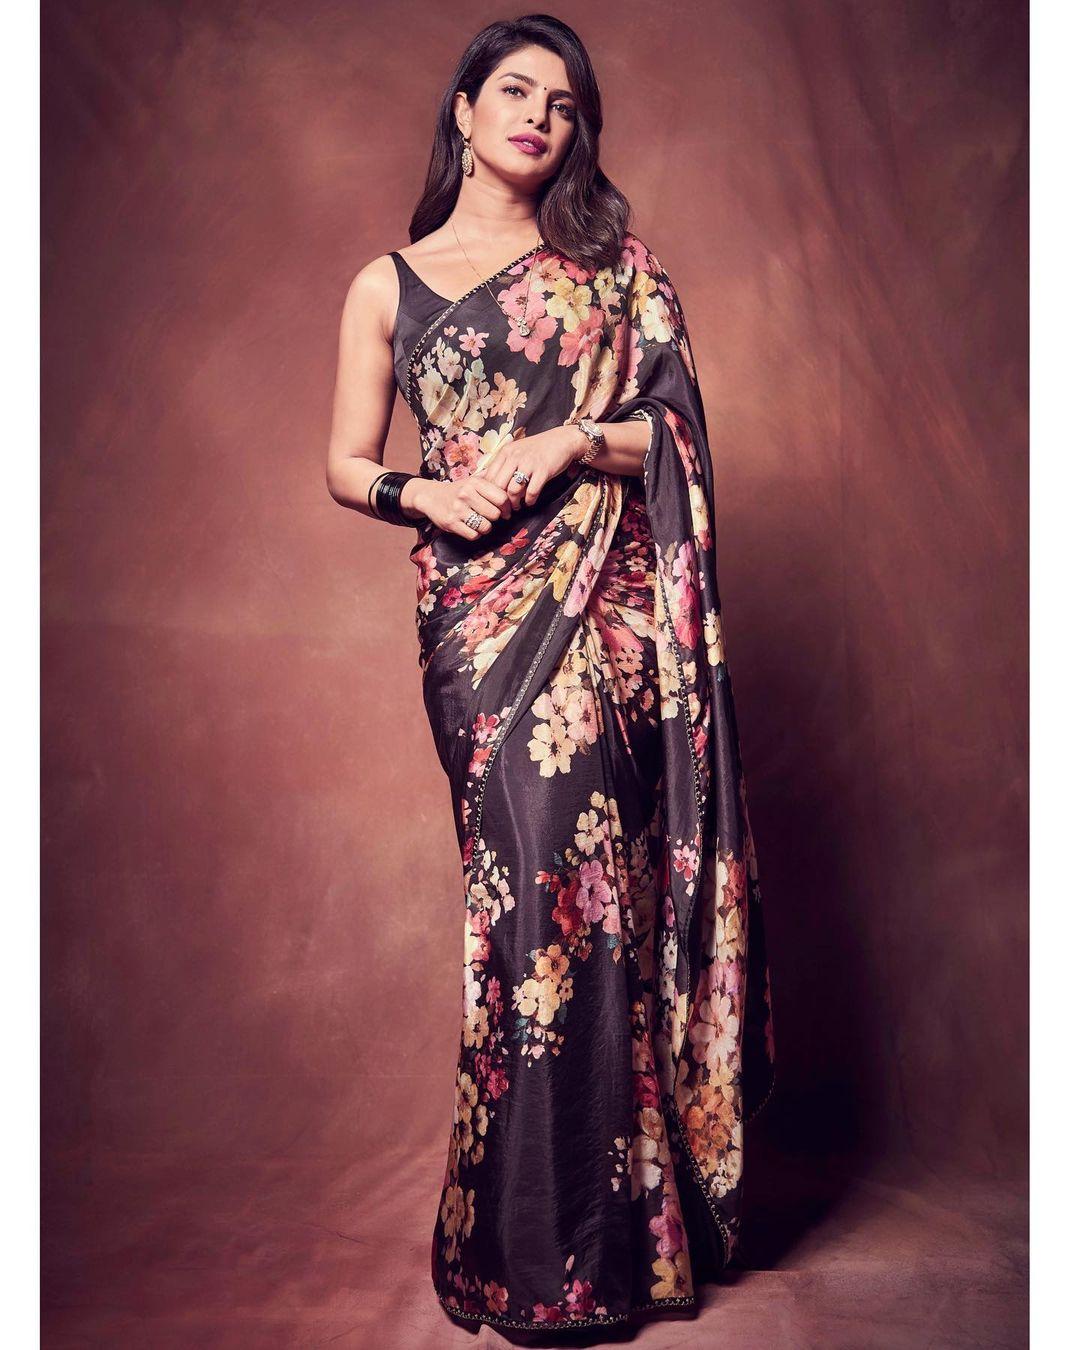 Priyanka-Chopra-6